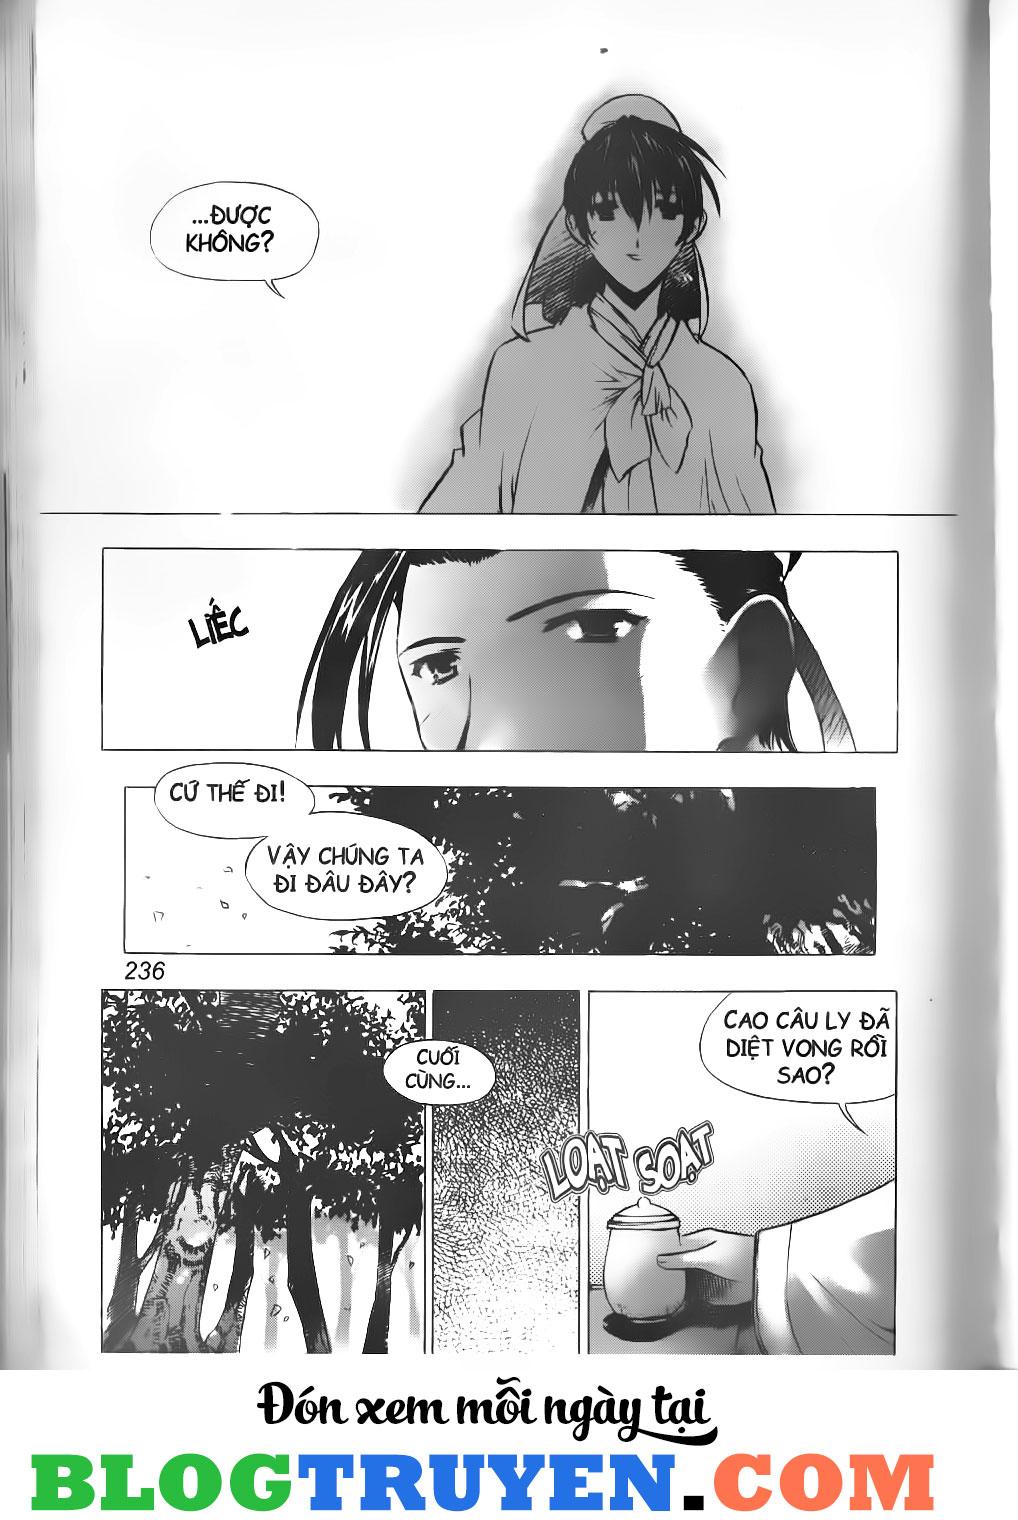 Thiên Lang Liệt Truyện chap 123 – Kết thúc Trang 5 - Mangak.info